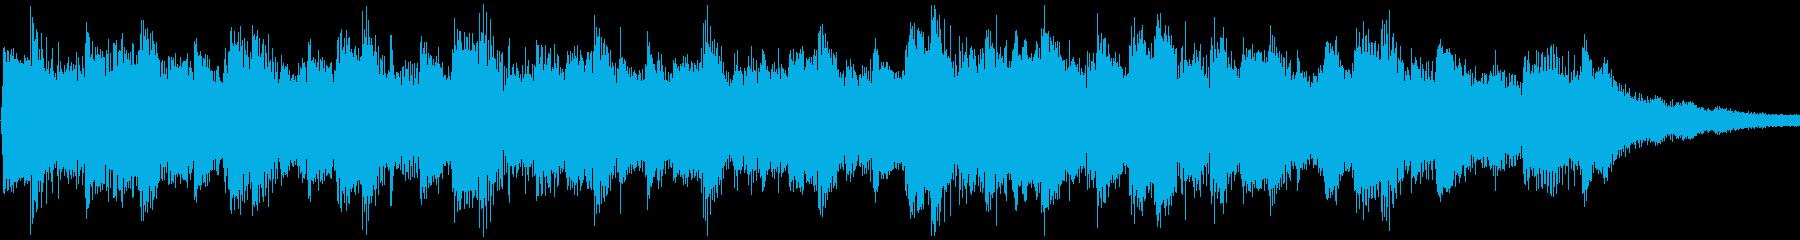 <Loop>せつない感じの ピアノ②の再生済みの波形